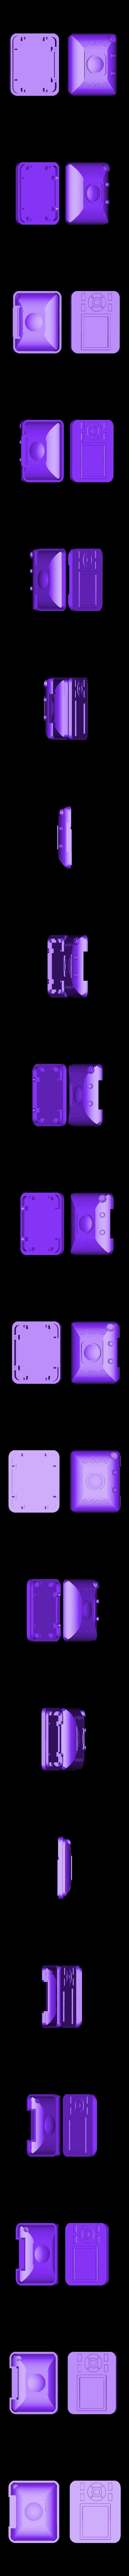 clothing camera small.stl Télécharger fichier STL gratuit Vêtements de rechange pour la caméra • Objet pour impression 3D, tfwsteamshield